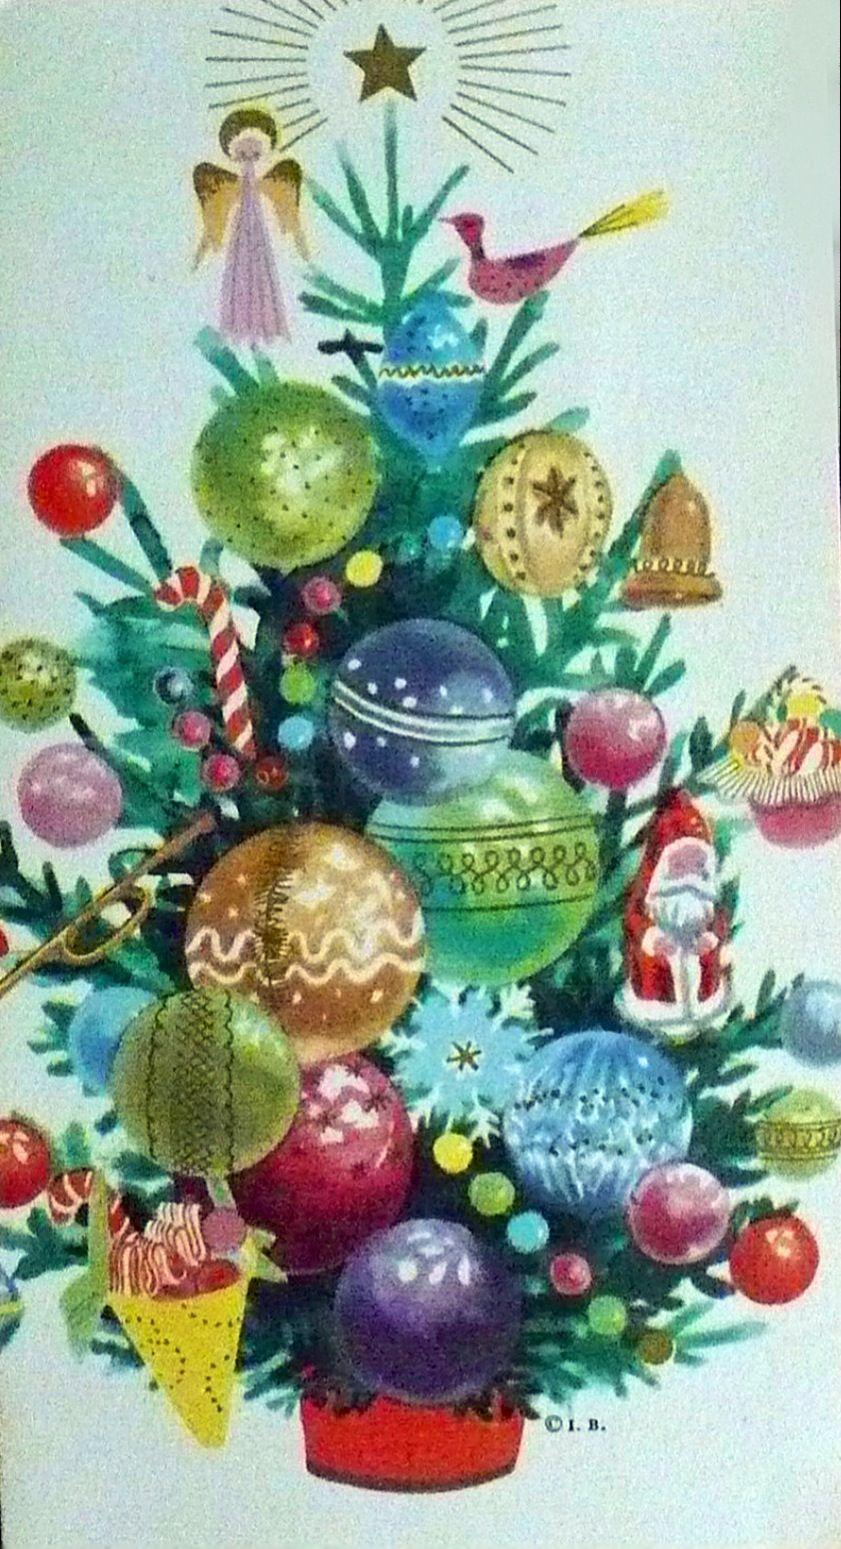 Vintage Christmas card. Árbol de Navidad